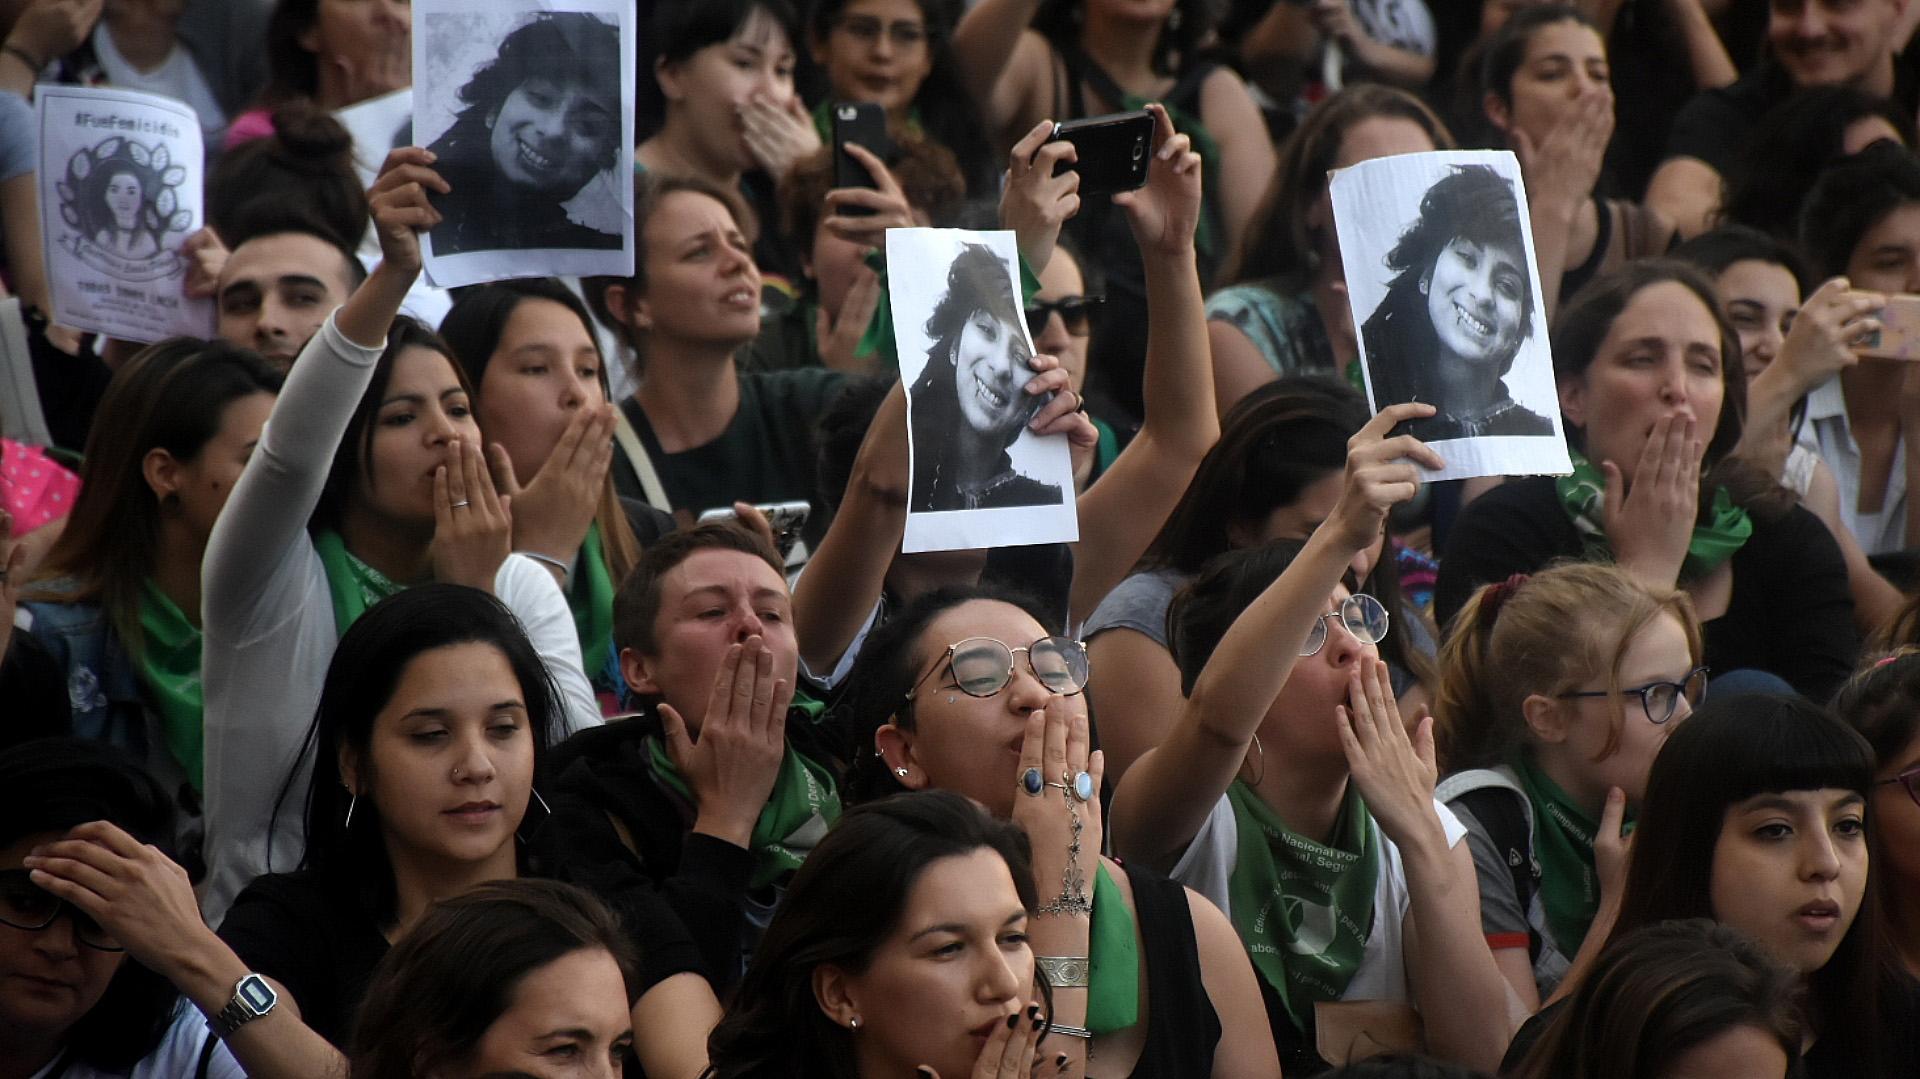 """El público, en su mayoría mujeres jóvenes, pidió justicia y calificó al fallo del caso como """"vergonzoso"""" (Fotos Nicolás Stulberg)"""